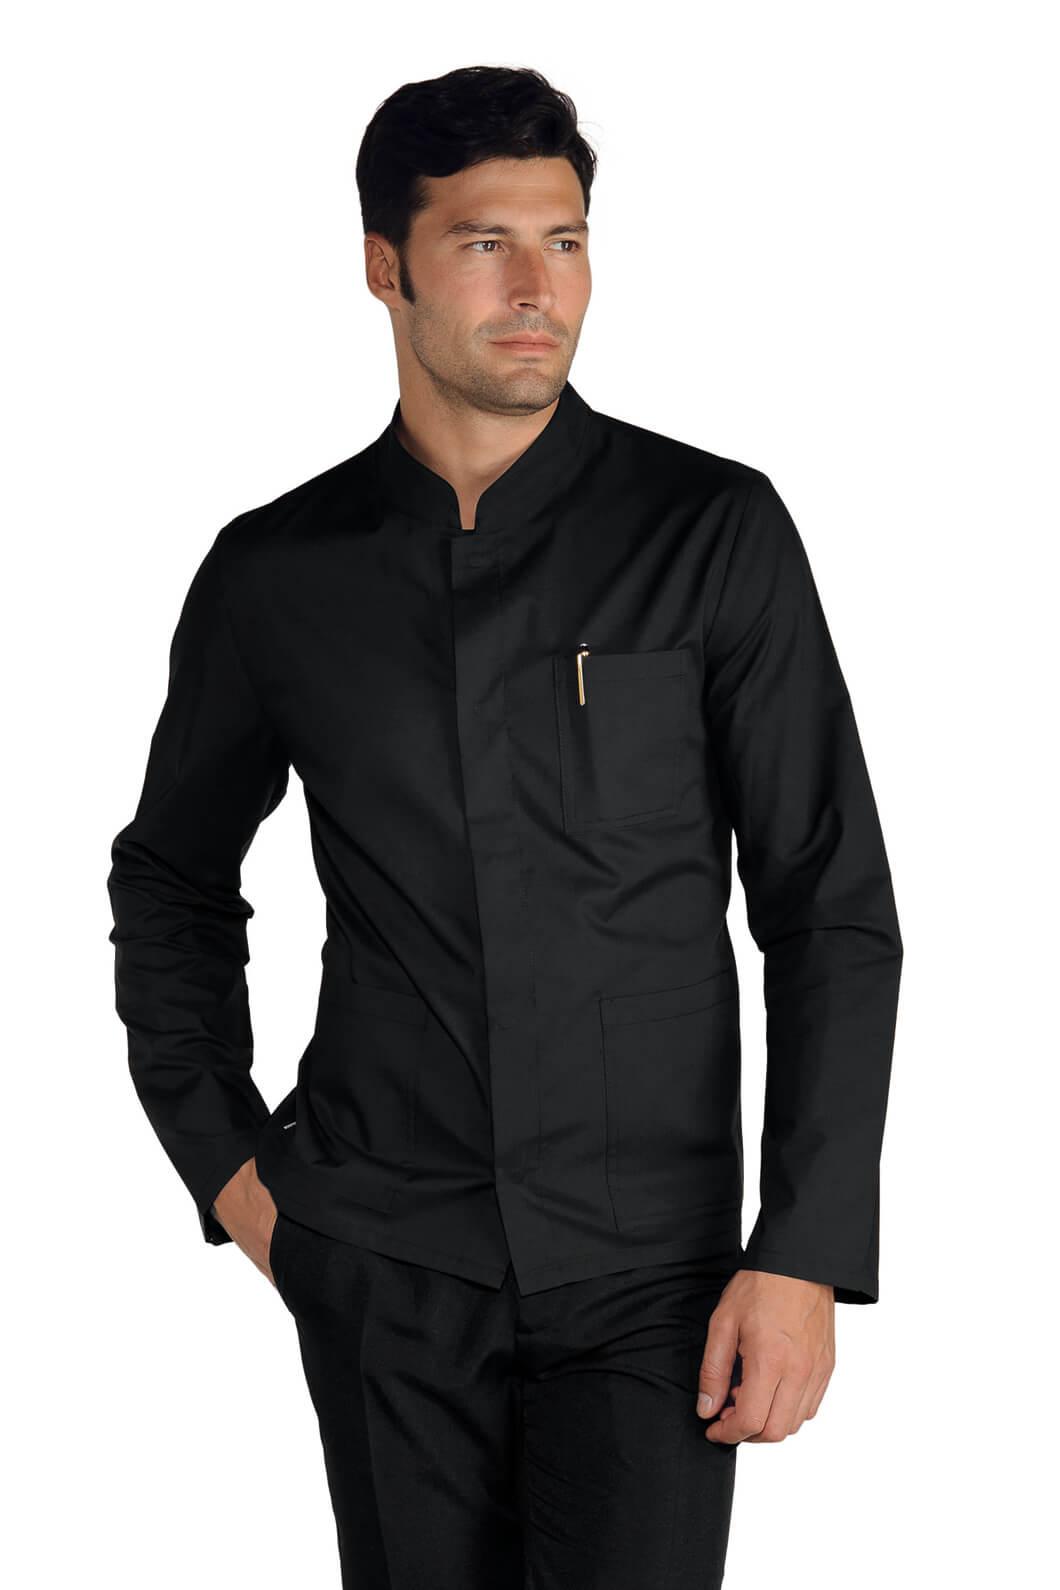 Veste Homme Légé Noir Col Tissu Mao Coreana 35RLcjq4A